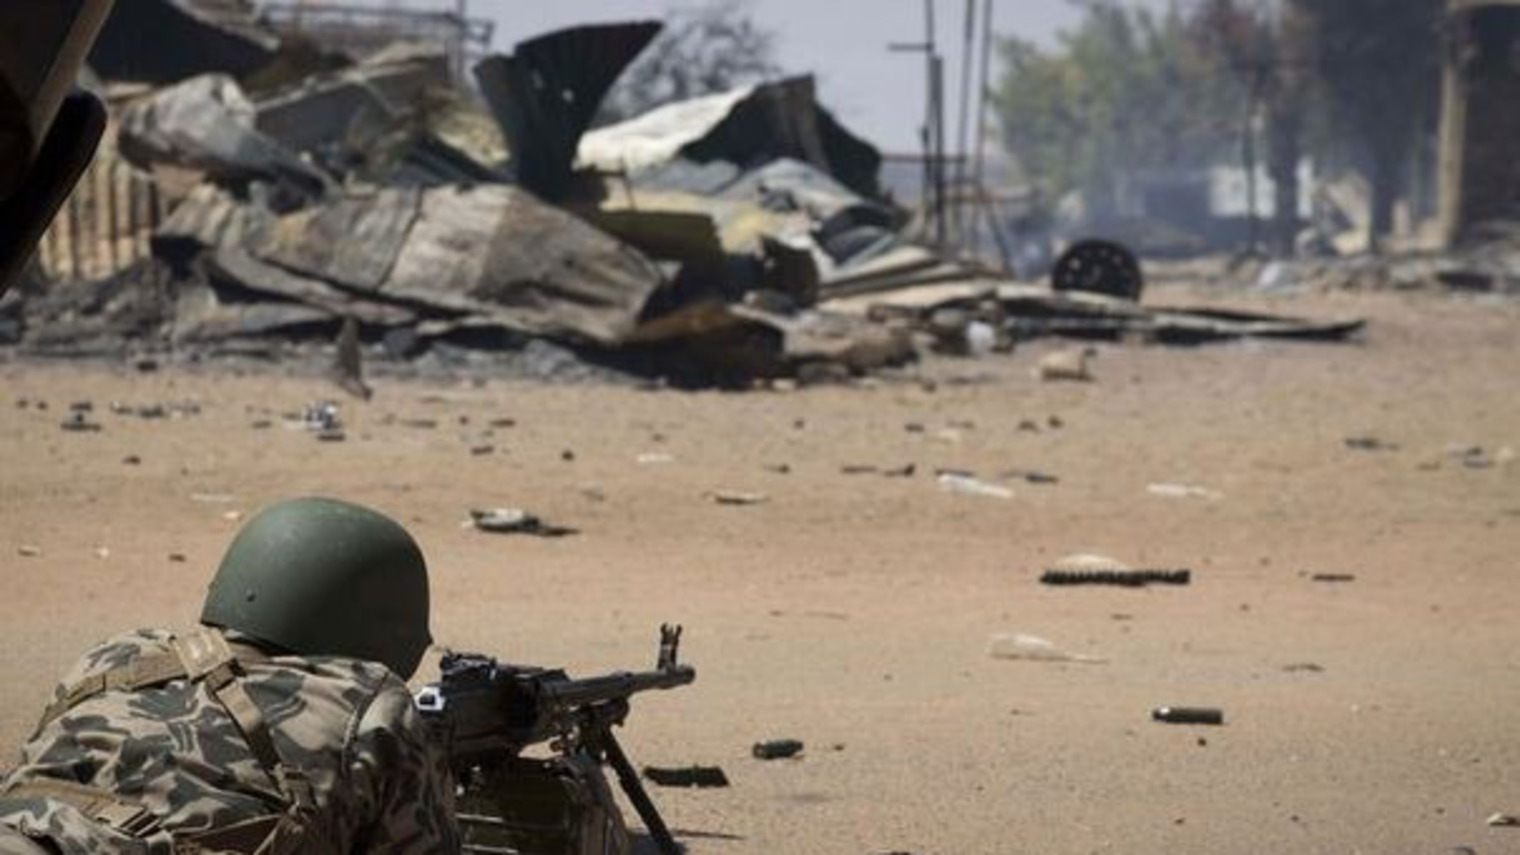 Centre du Mali : au moins 20 morts dans des violences intercommunautaires (nouveau bilan)